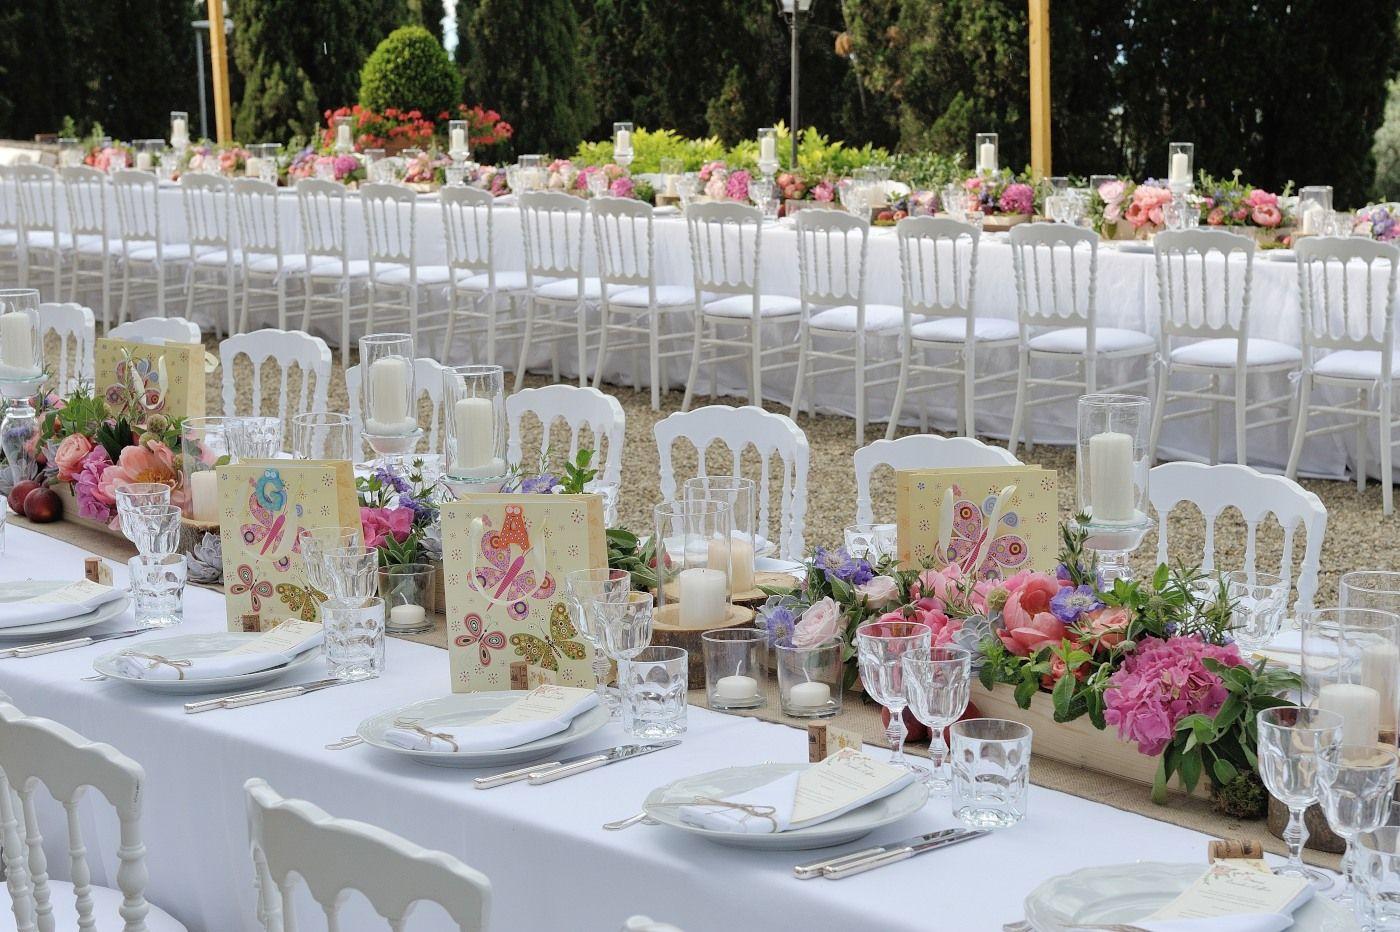 Wedding table setting decoration Italy Tuscany | Wedding table ...